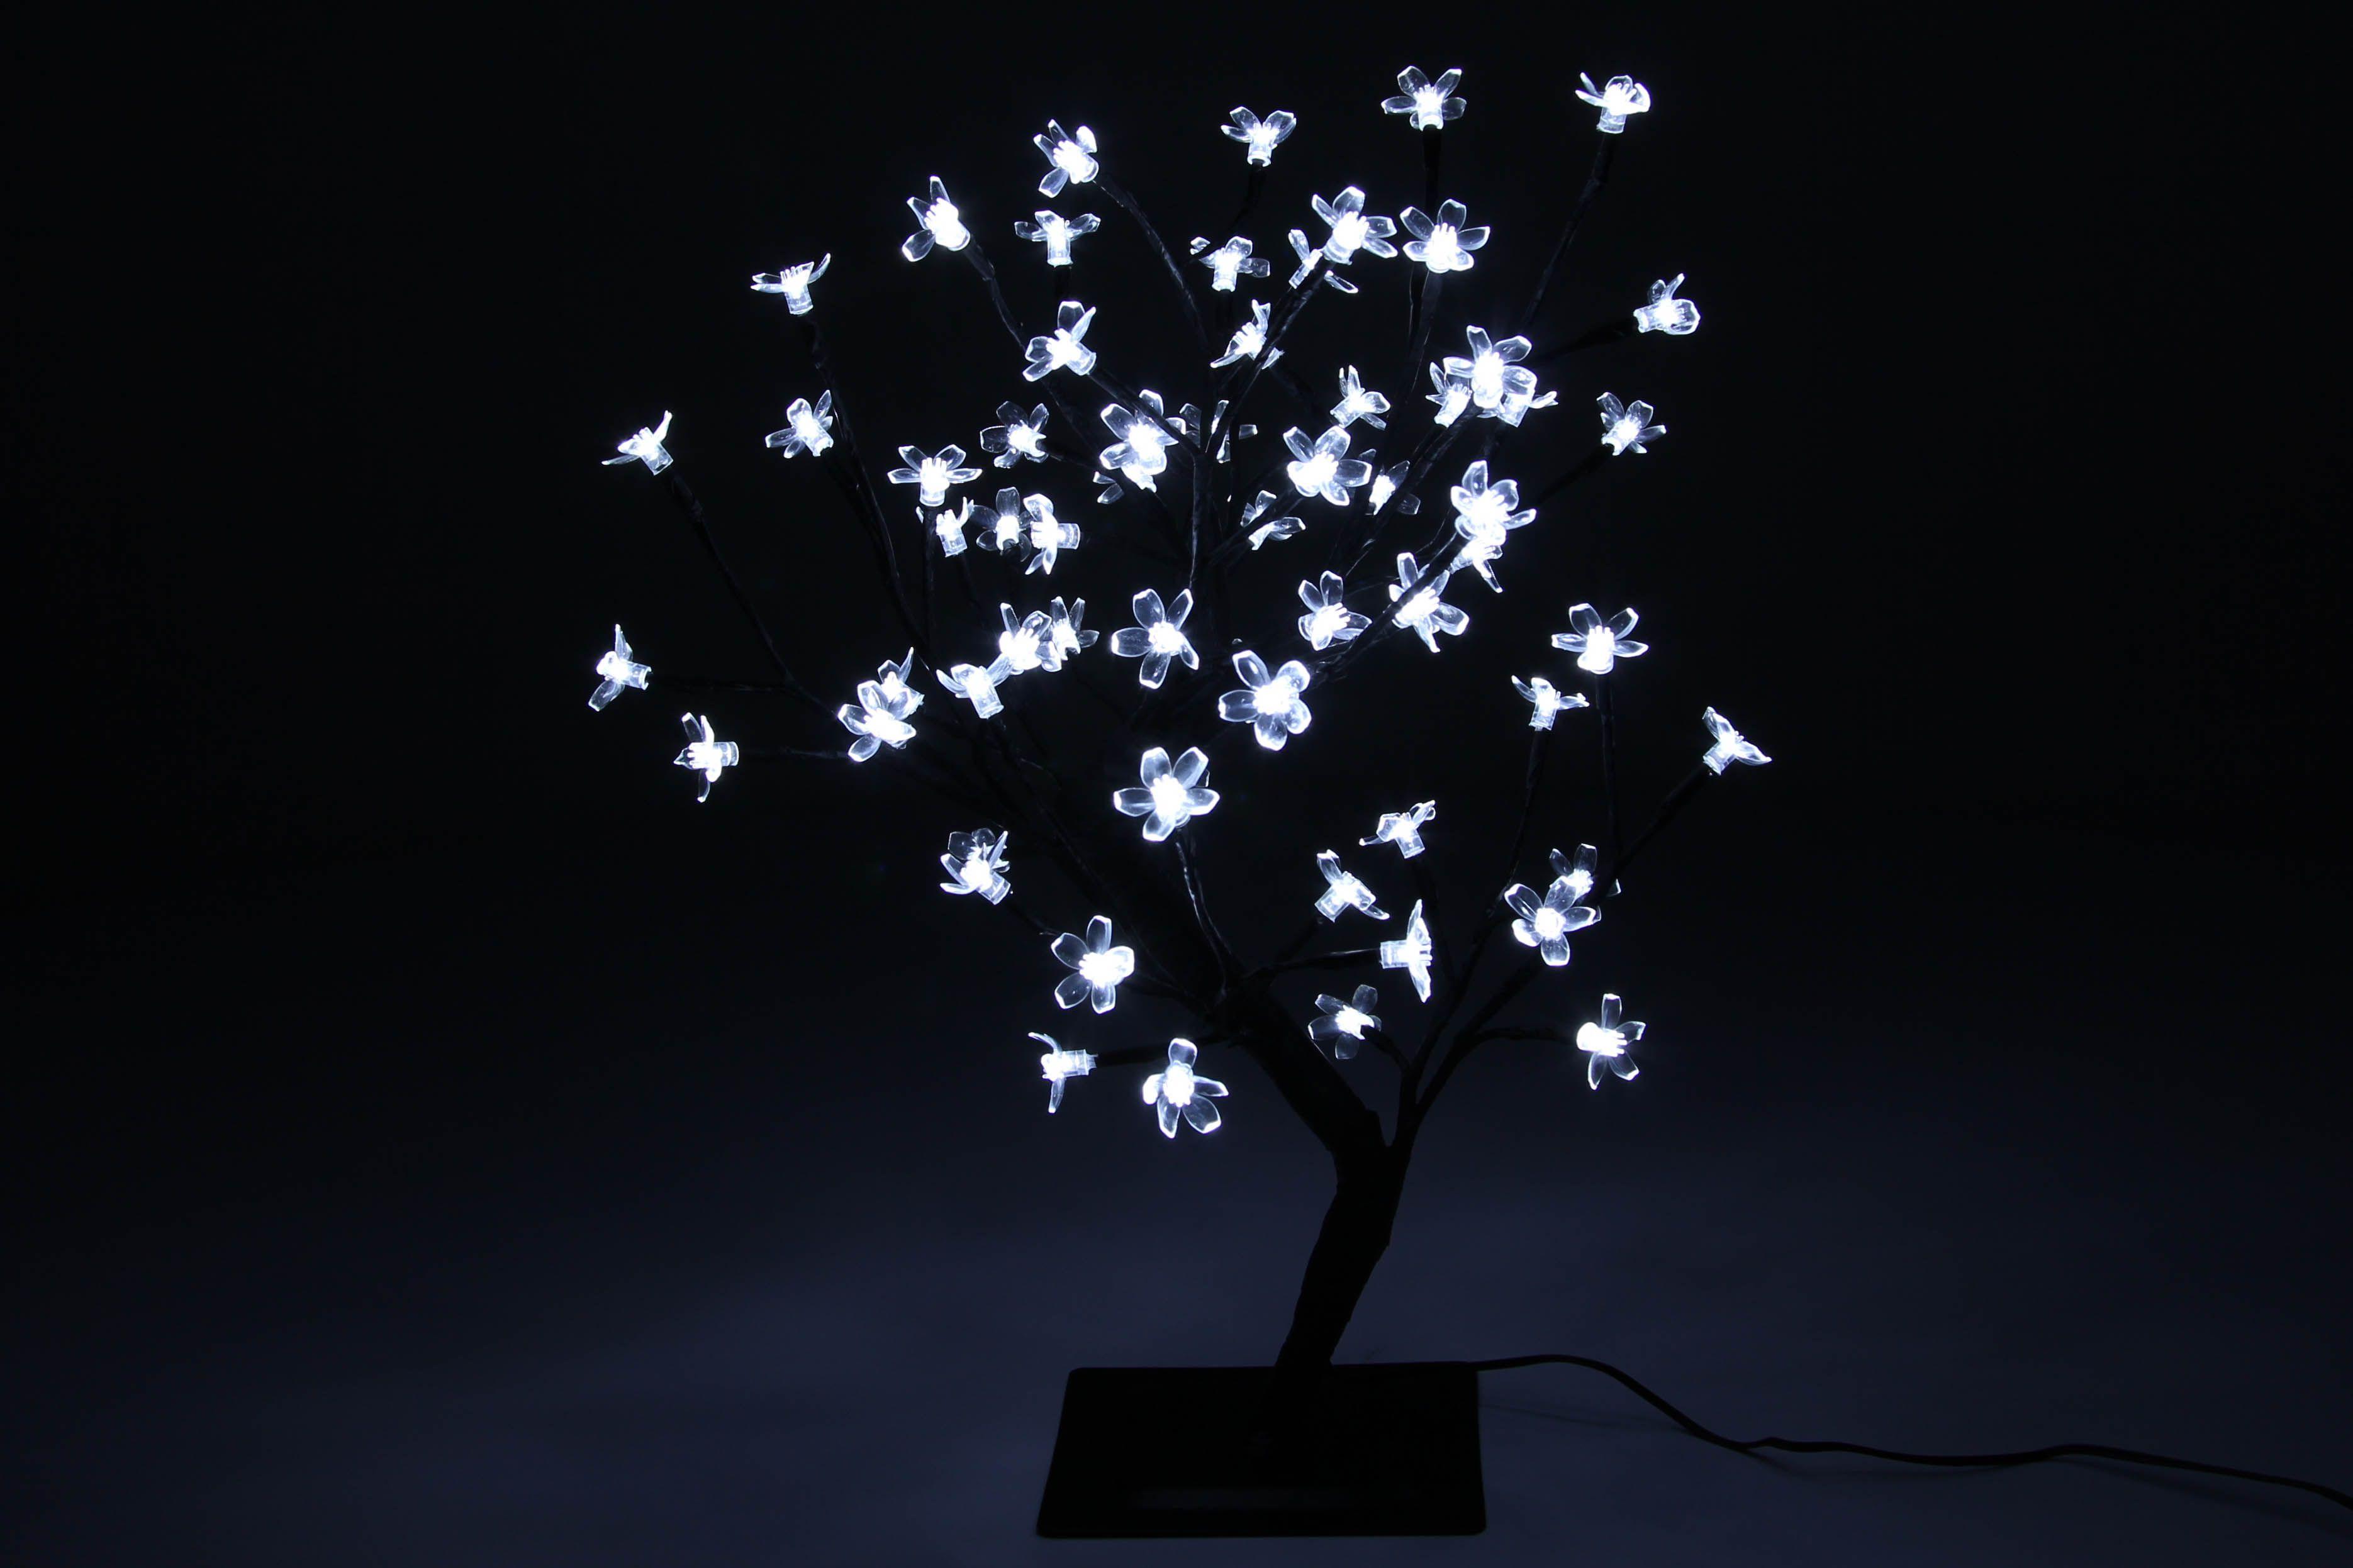 Drzewko Swiecace 64 Led Zimne Biale Bonsai Kwiatki Flowers Plants Dandelion